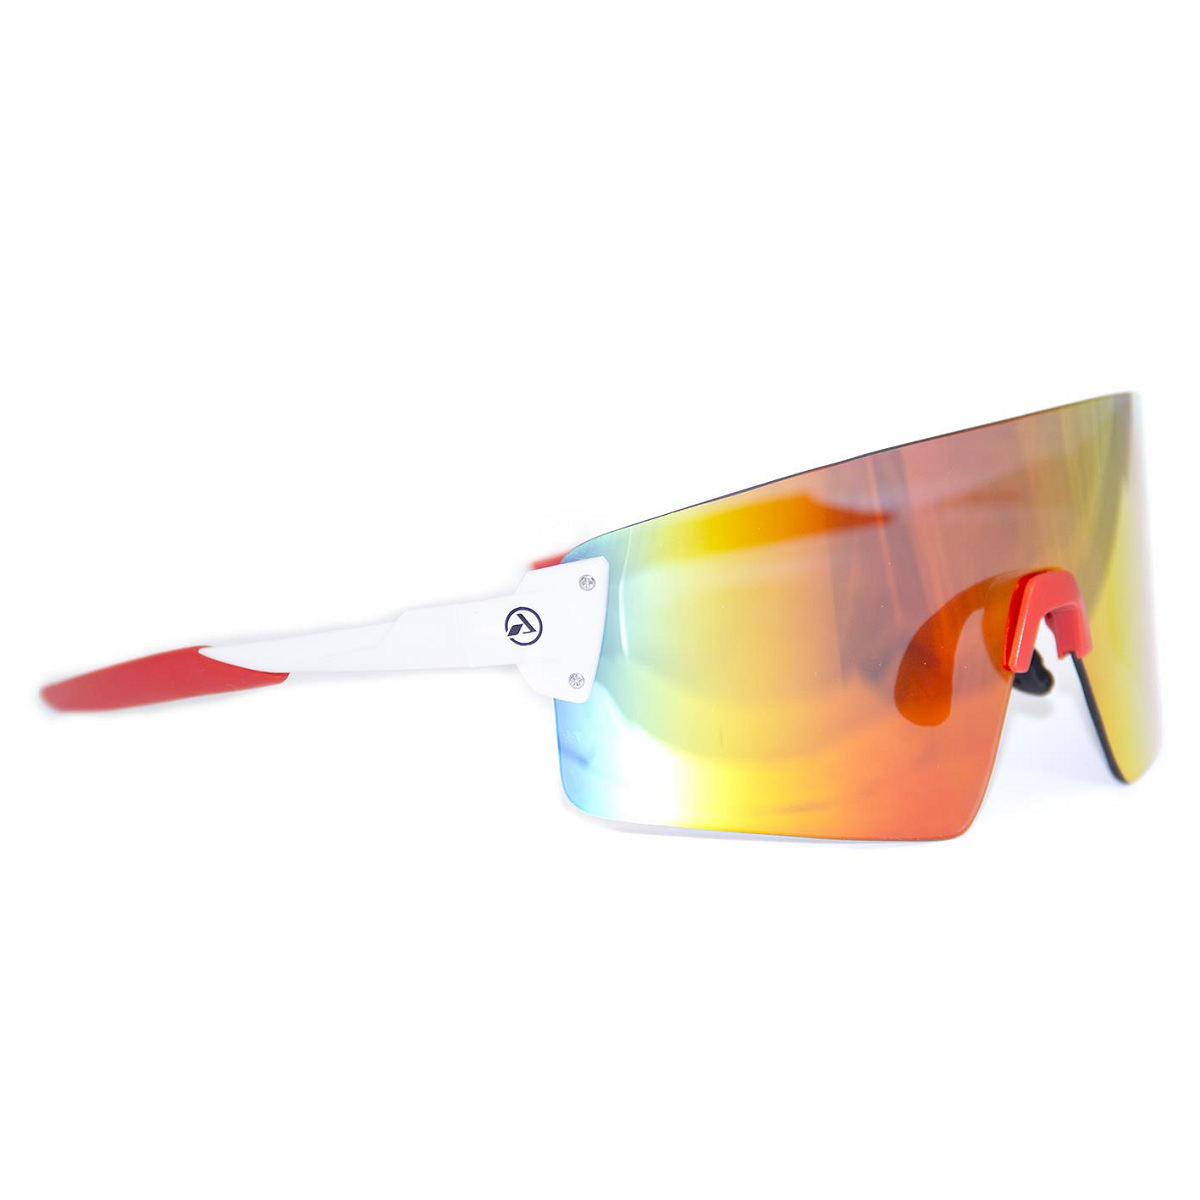 Oculos Absolute Prime Ex Bco/Verm, Verm